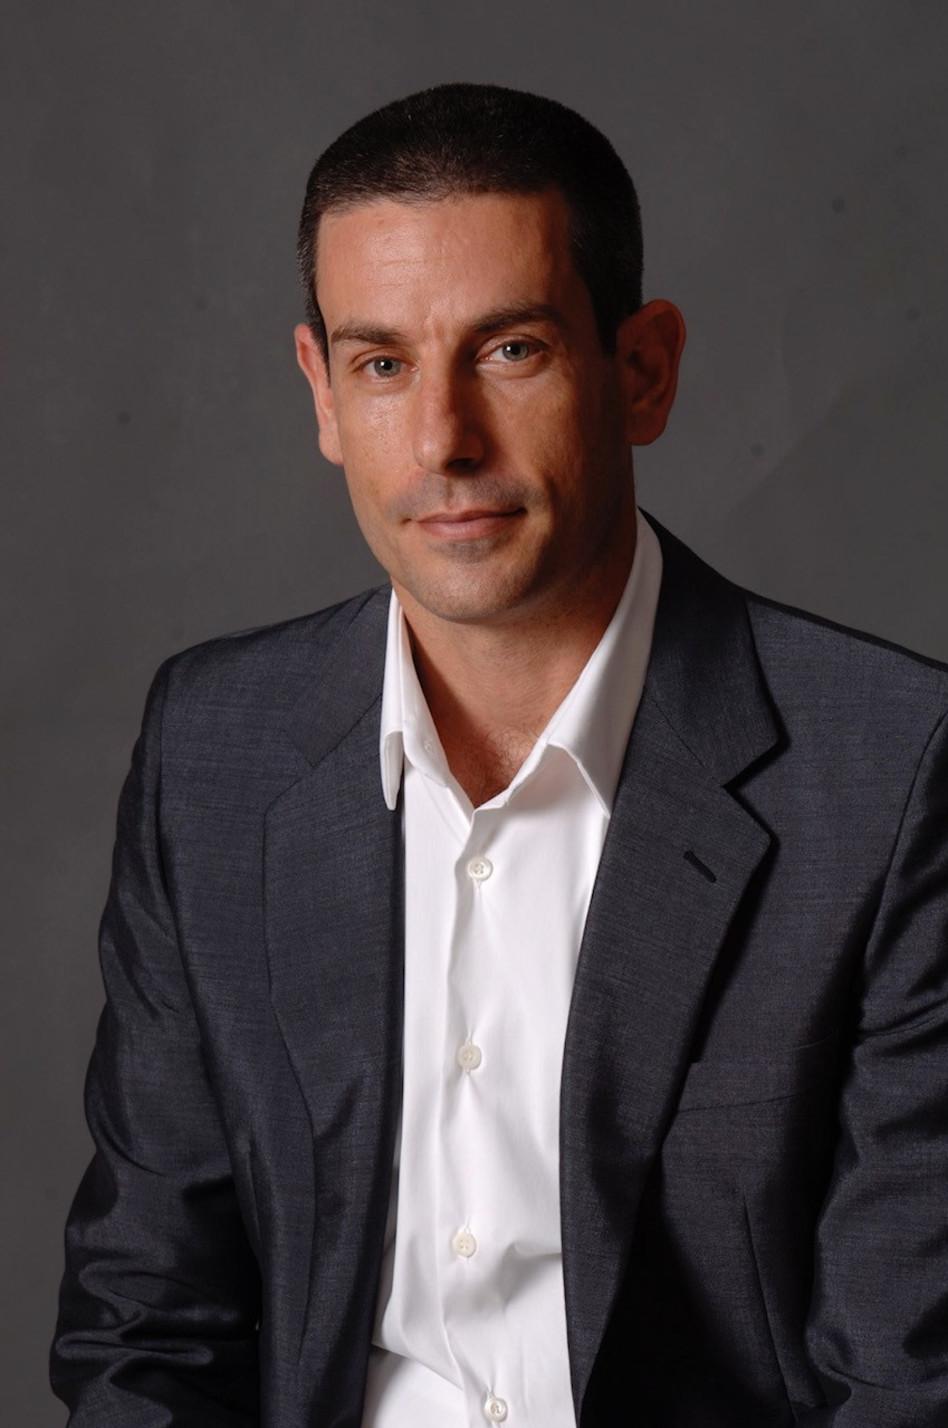 גיא ברעם (צילום: מירי דוידוביץ)